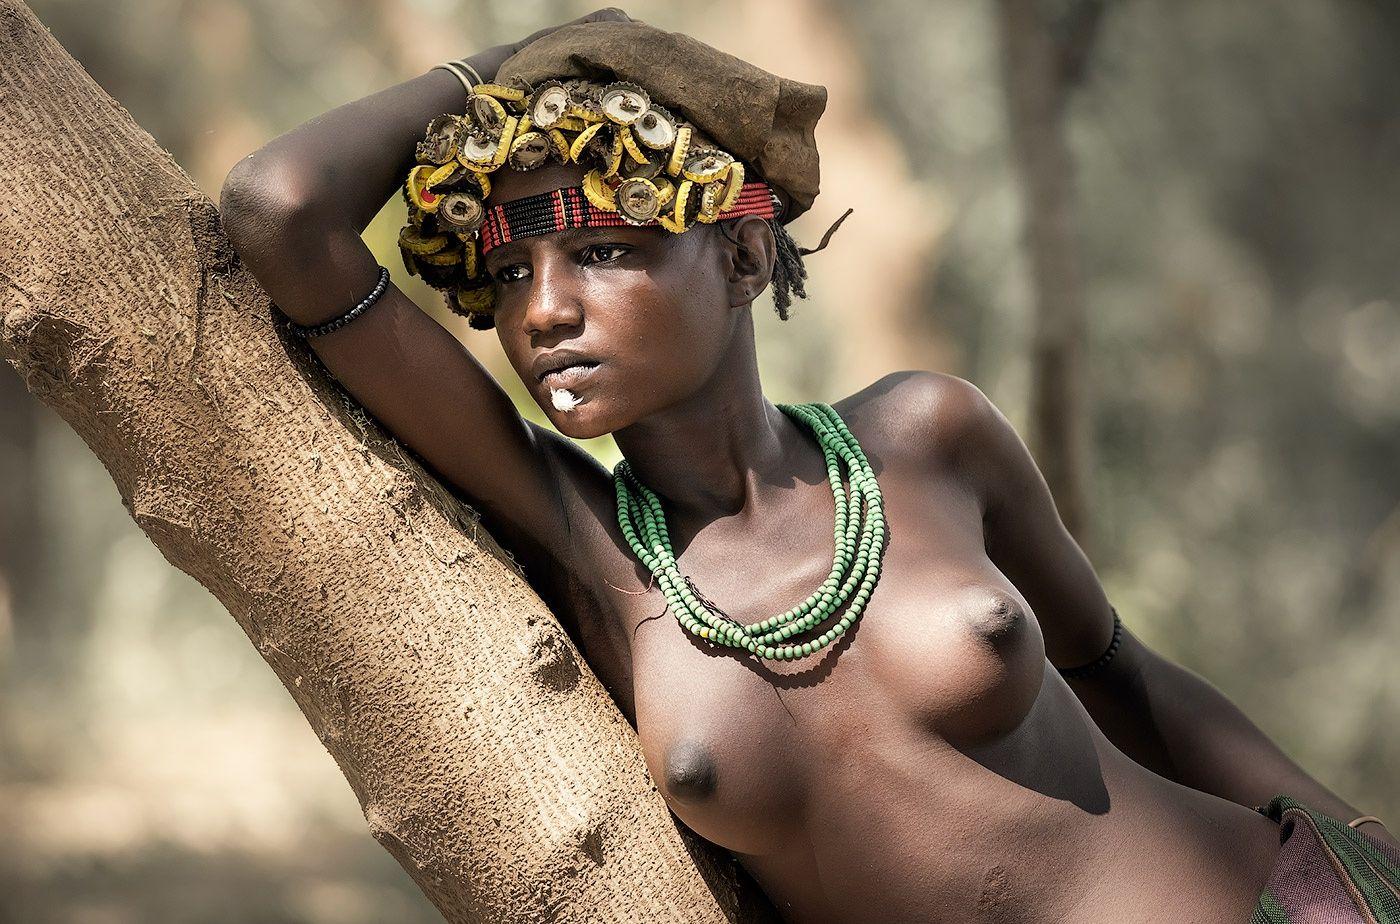 Отдых море голые африканские племена онлайн порнография